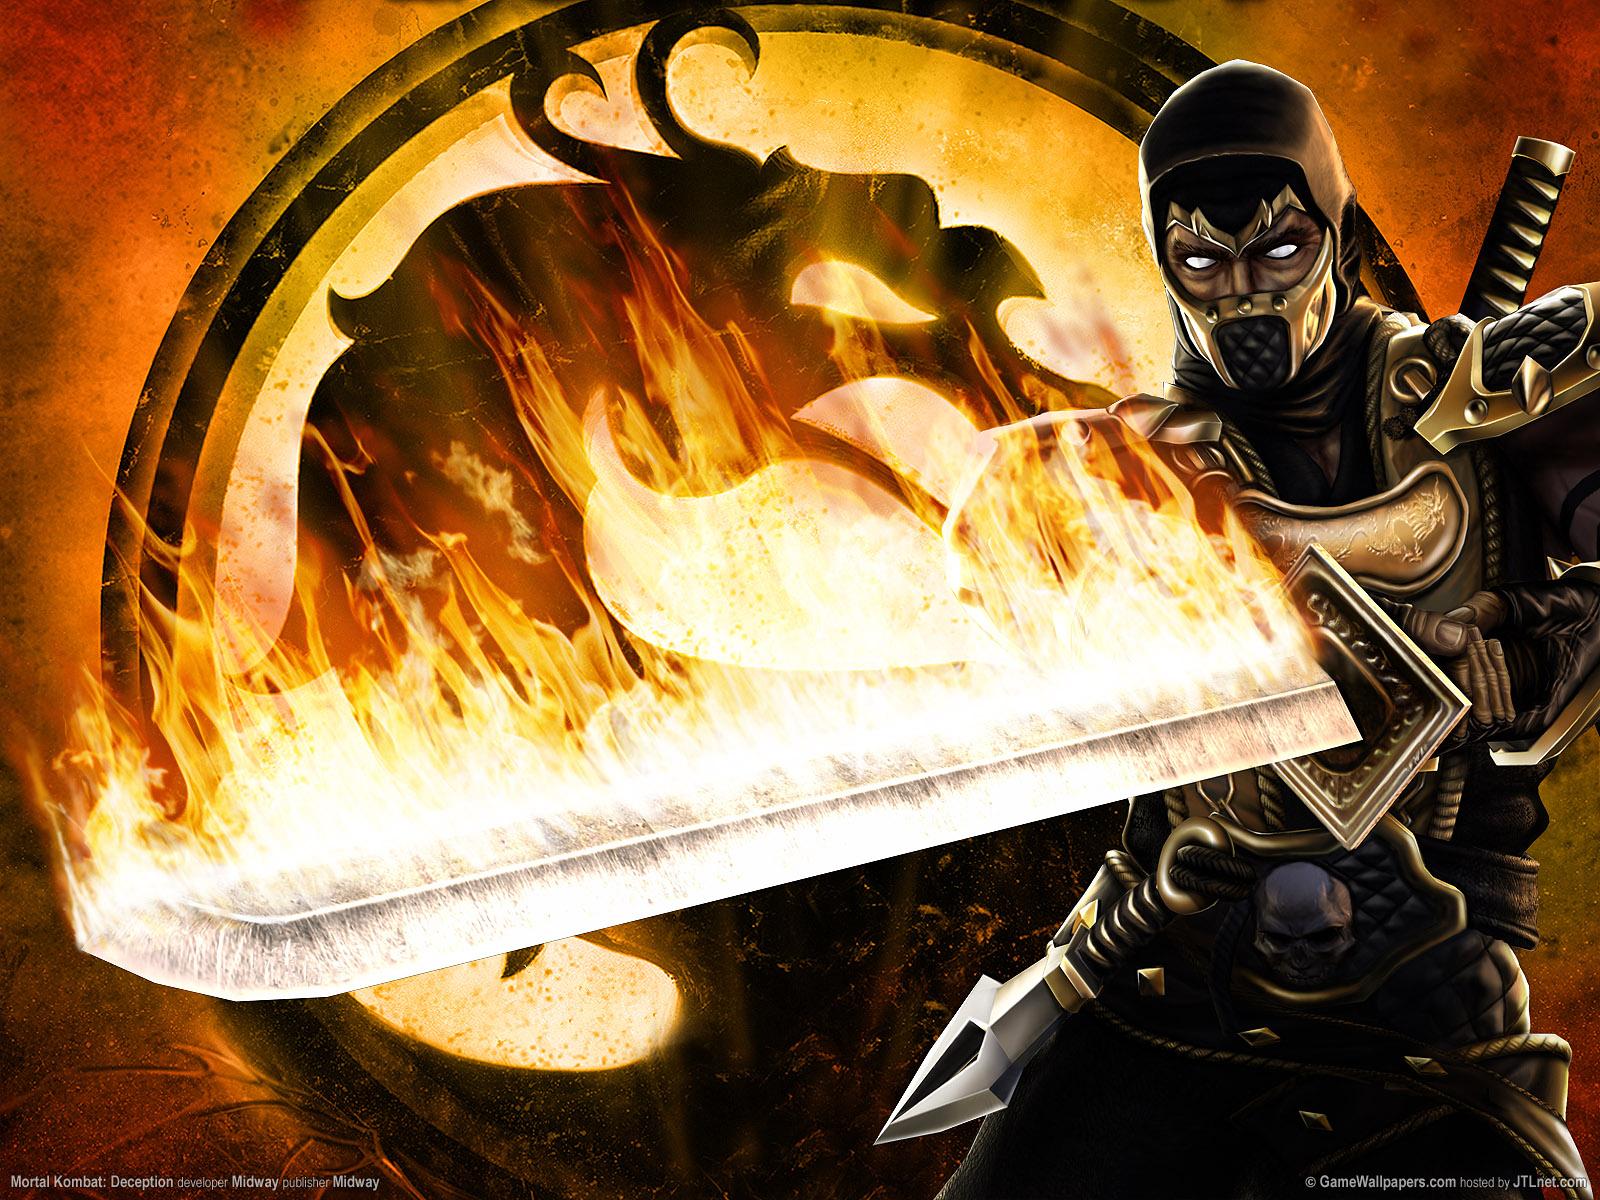 feira 26 de fevereiro de 2013 Marcadores Wallpaper Mortal Kombat 1600x1200